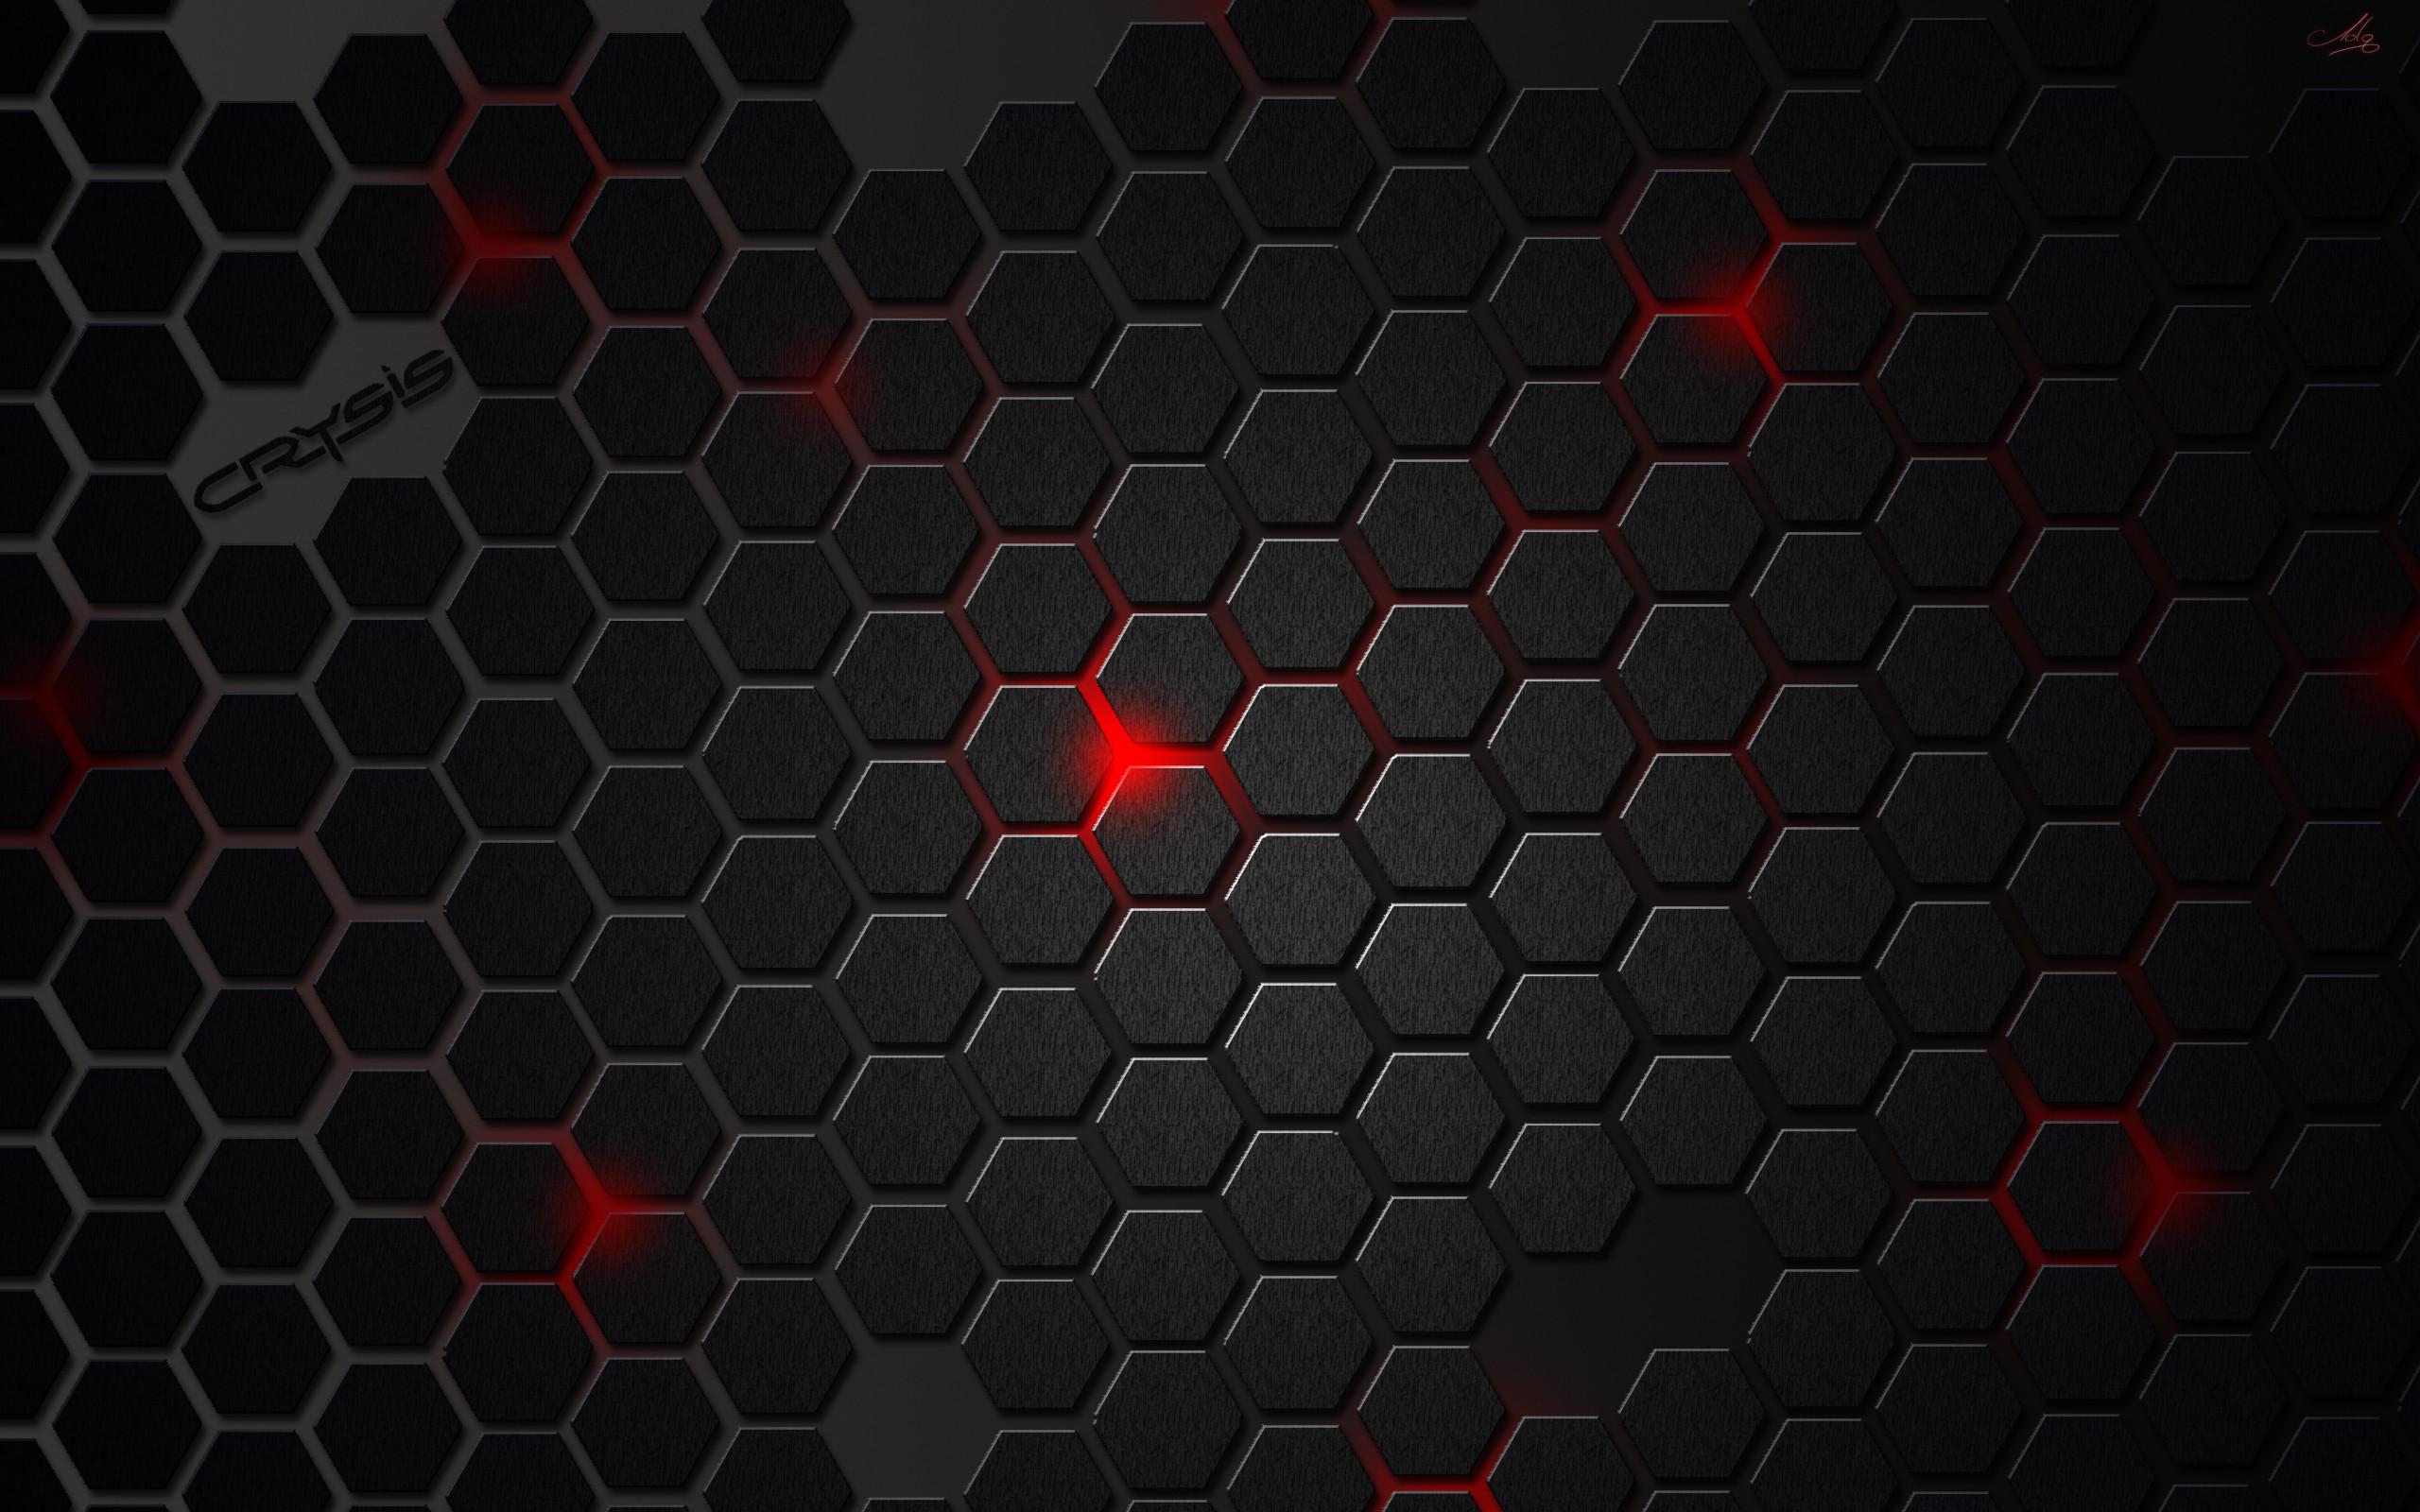 Black Computer Wallpapers, Desktop Backgrounds | | ID:210280